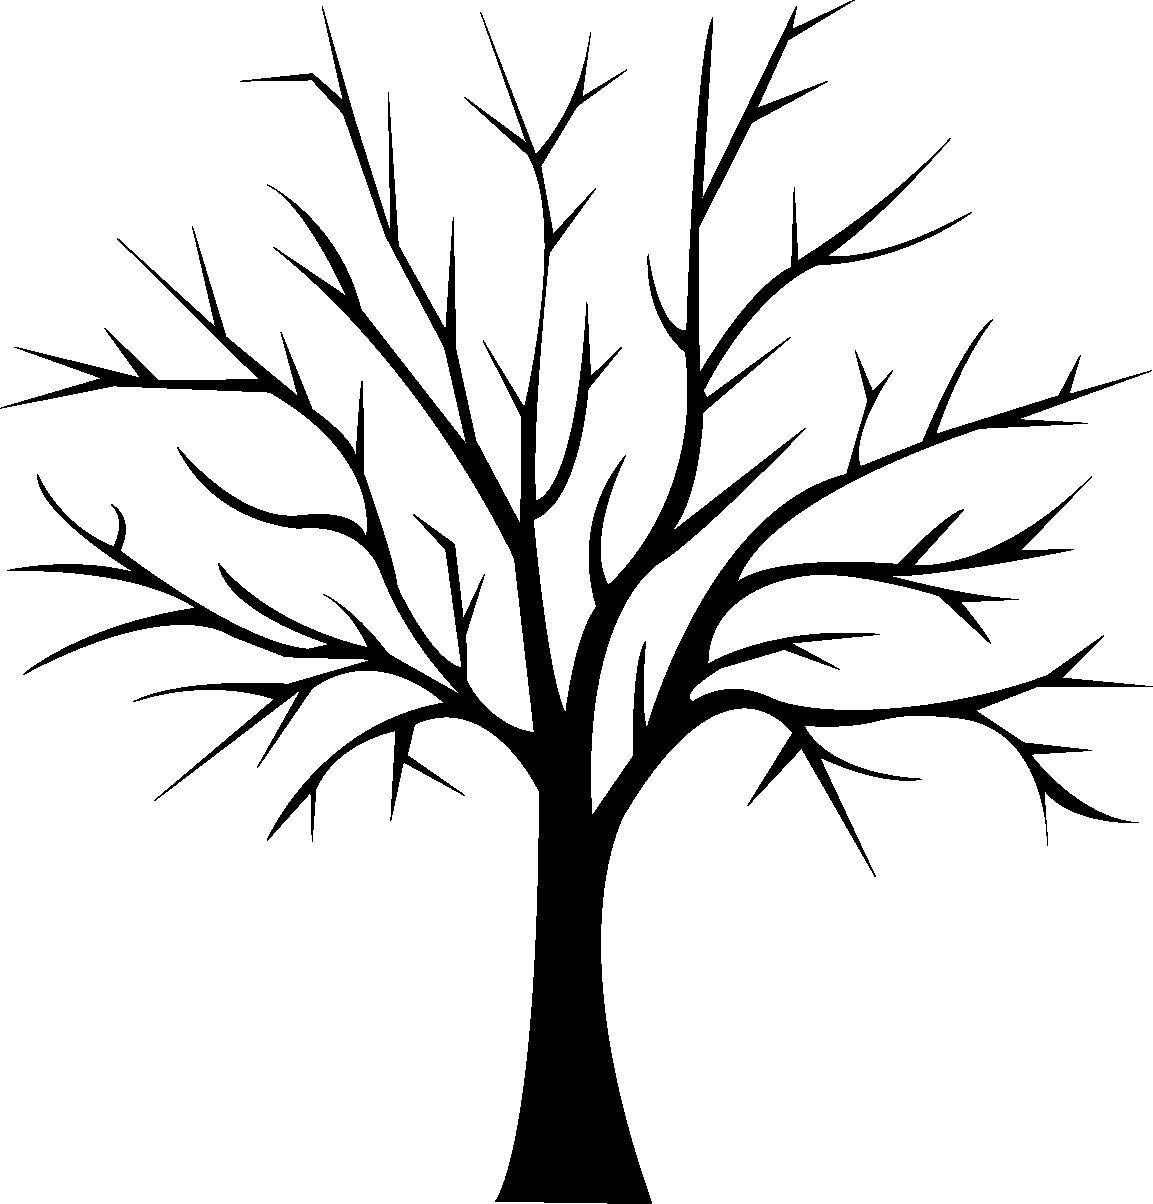 1153 1204 desene faine pinterest en - Dessin arbre nu ...